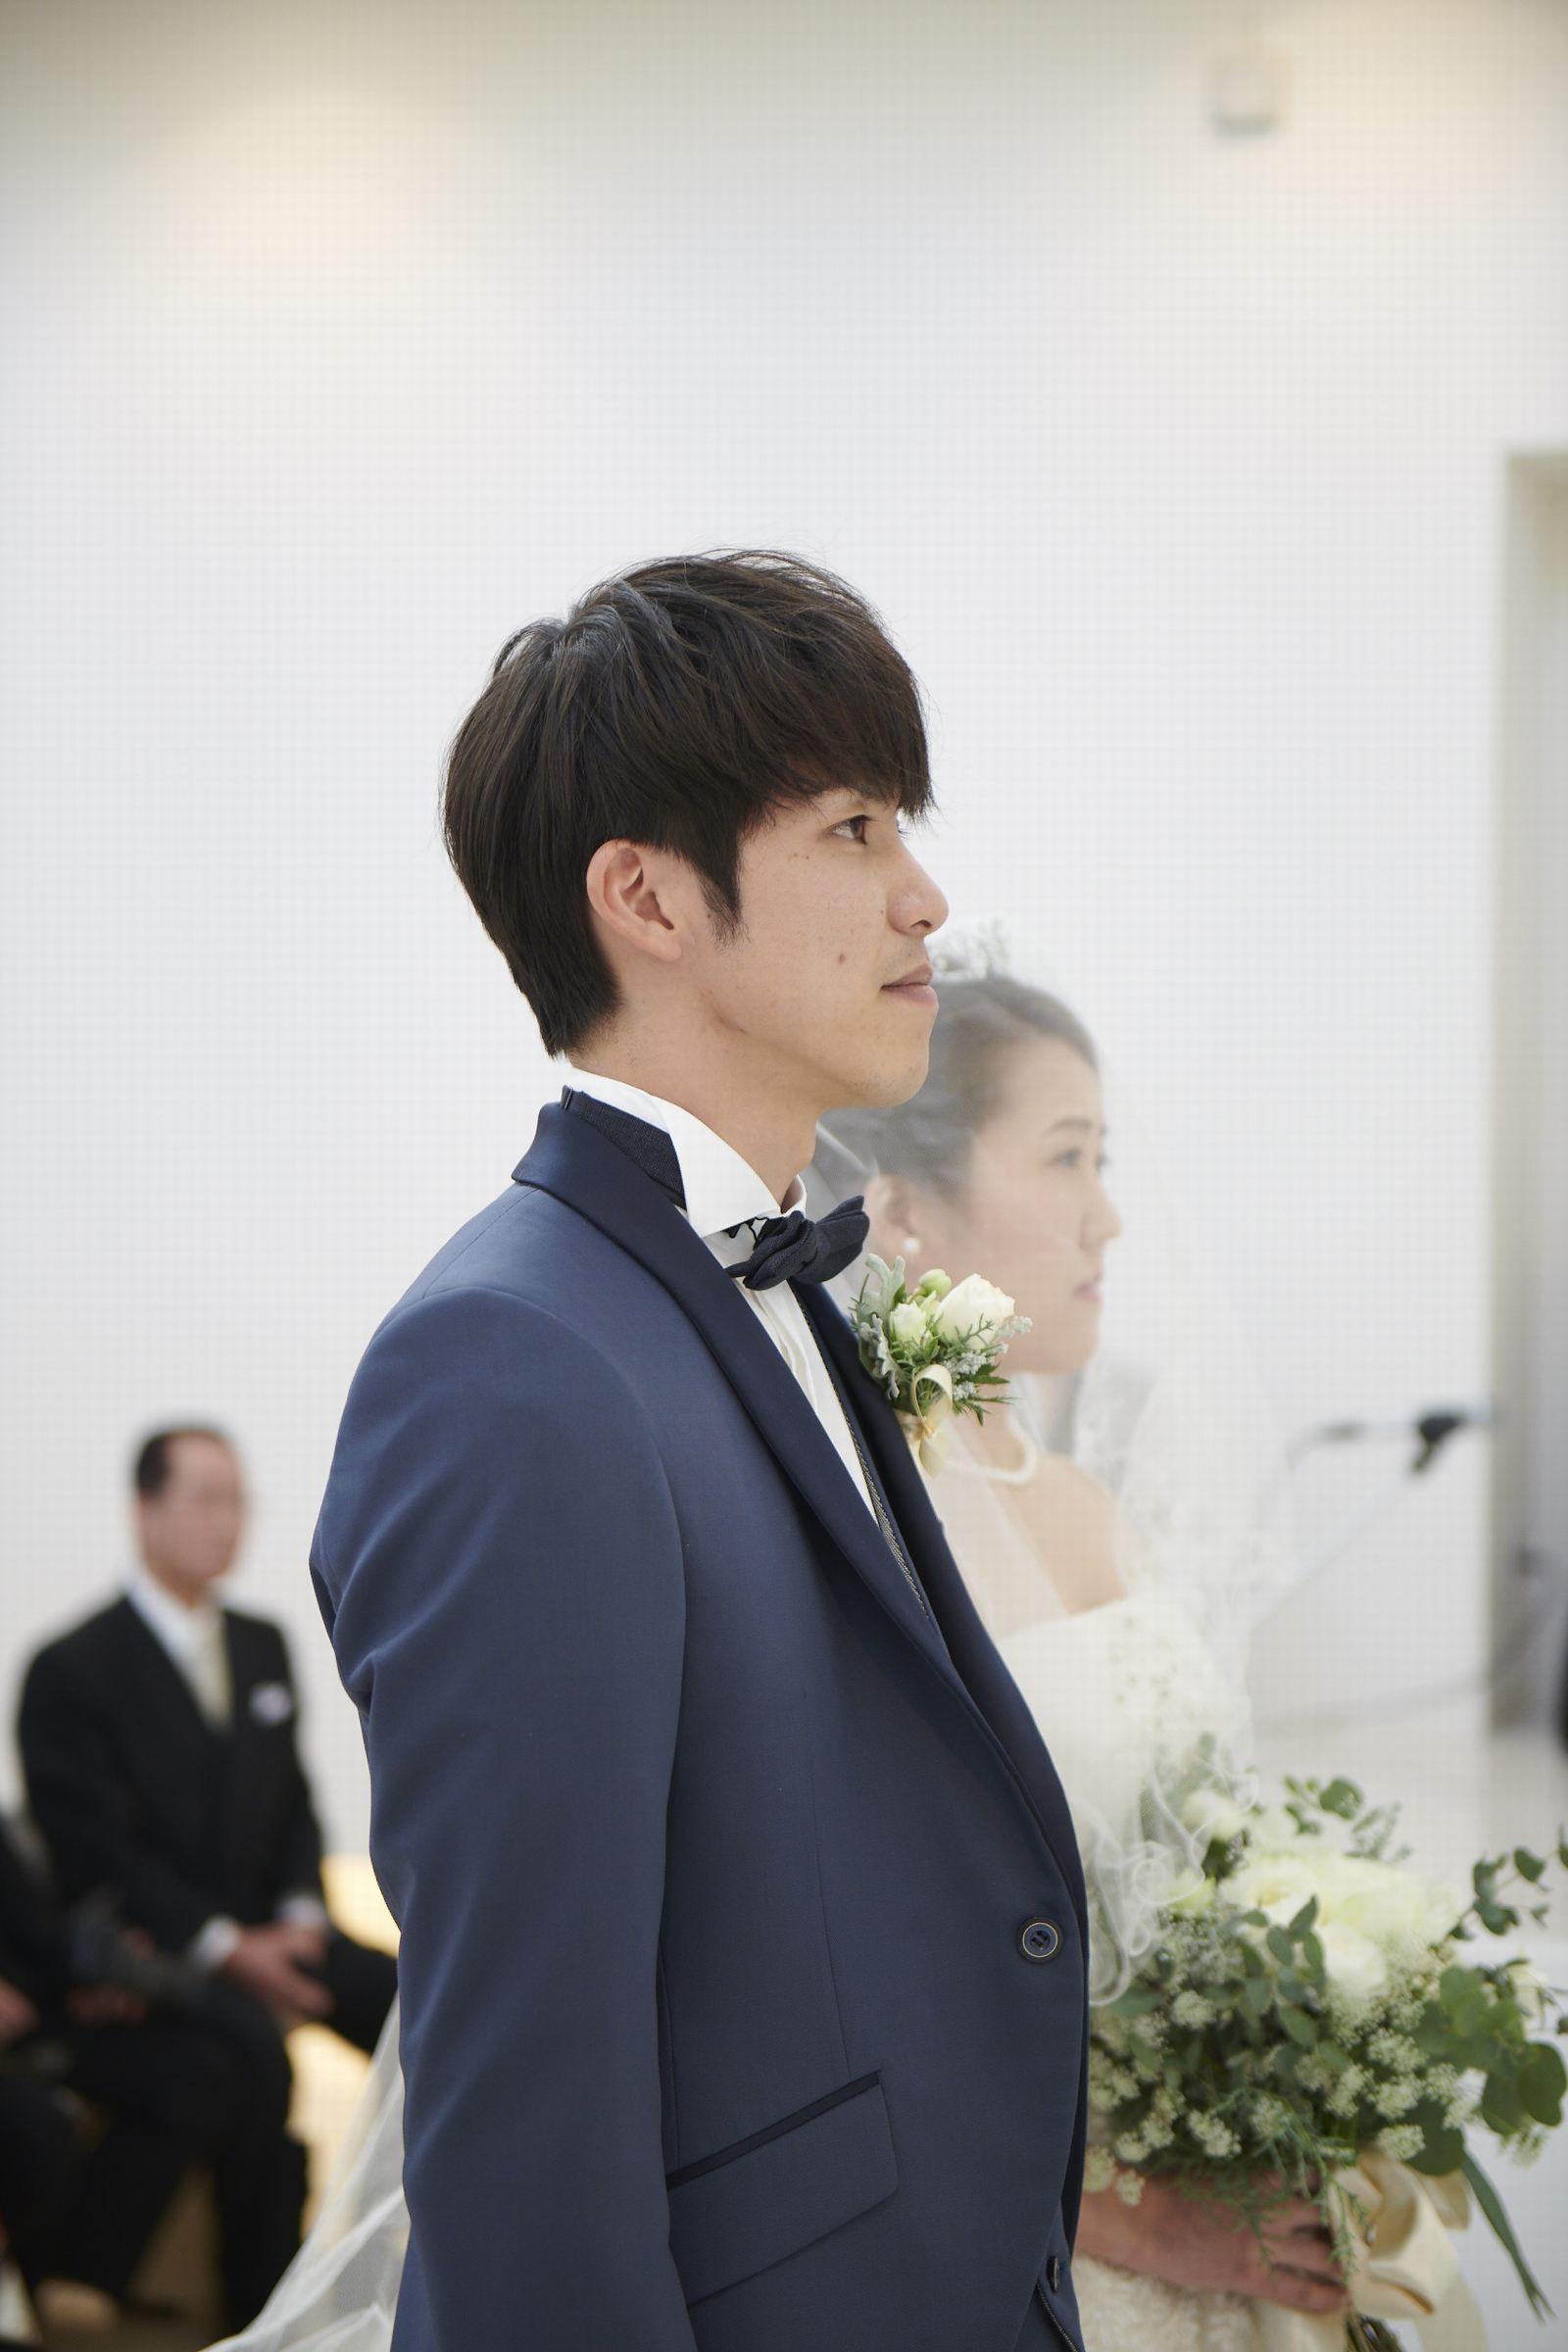 徳島県の結婚式場ブランアンジュのチャペルでのセレモニー